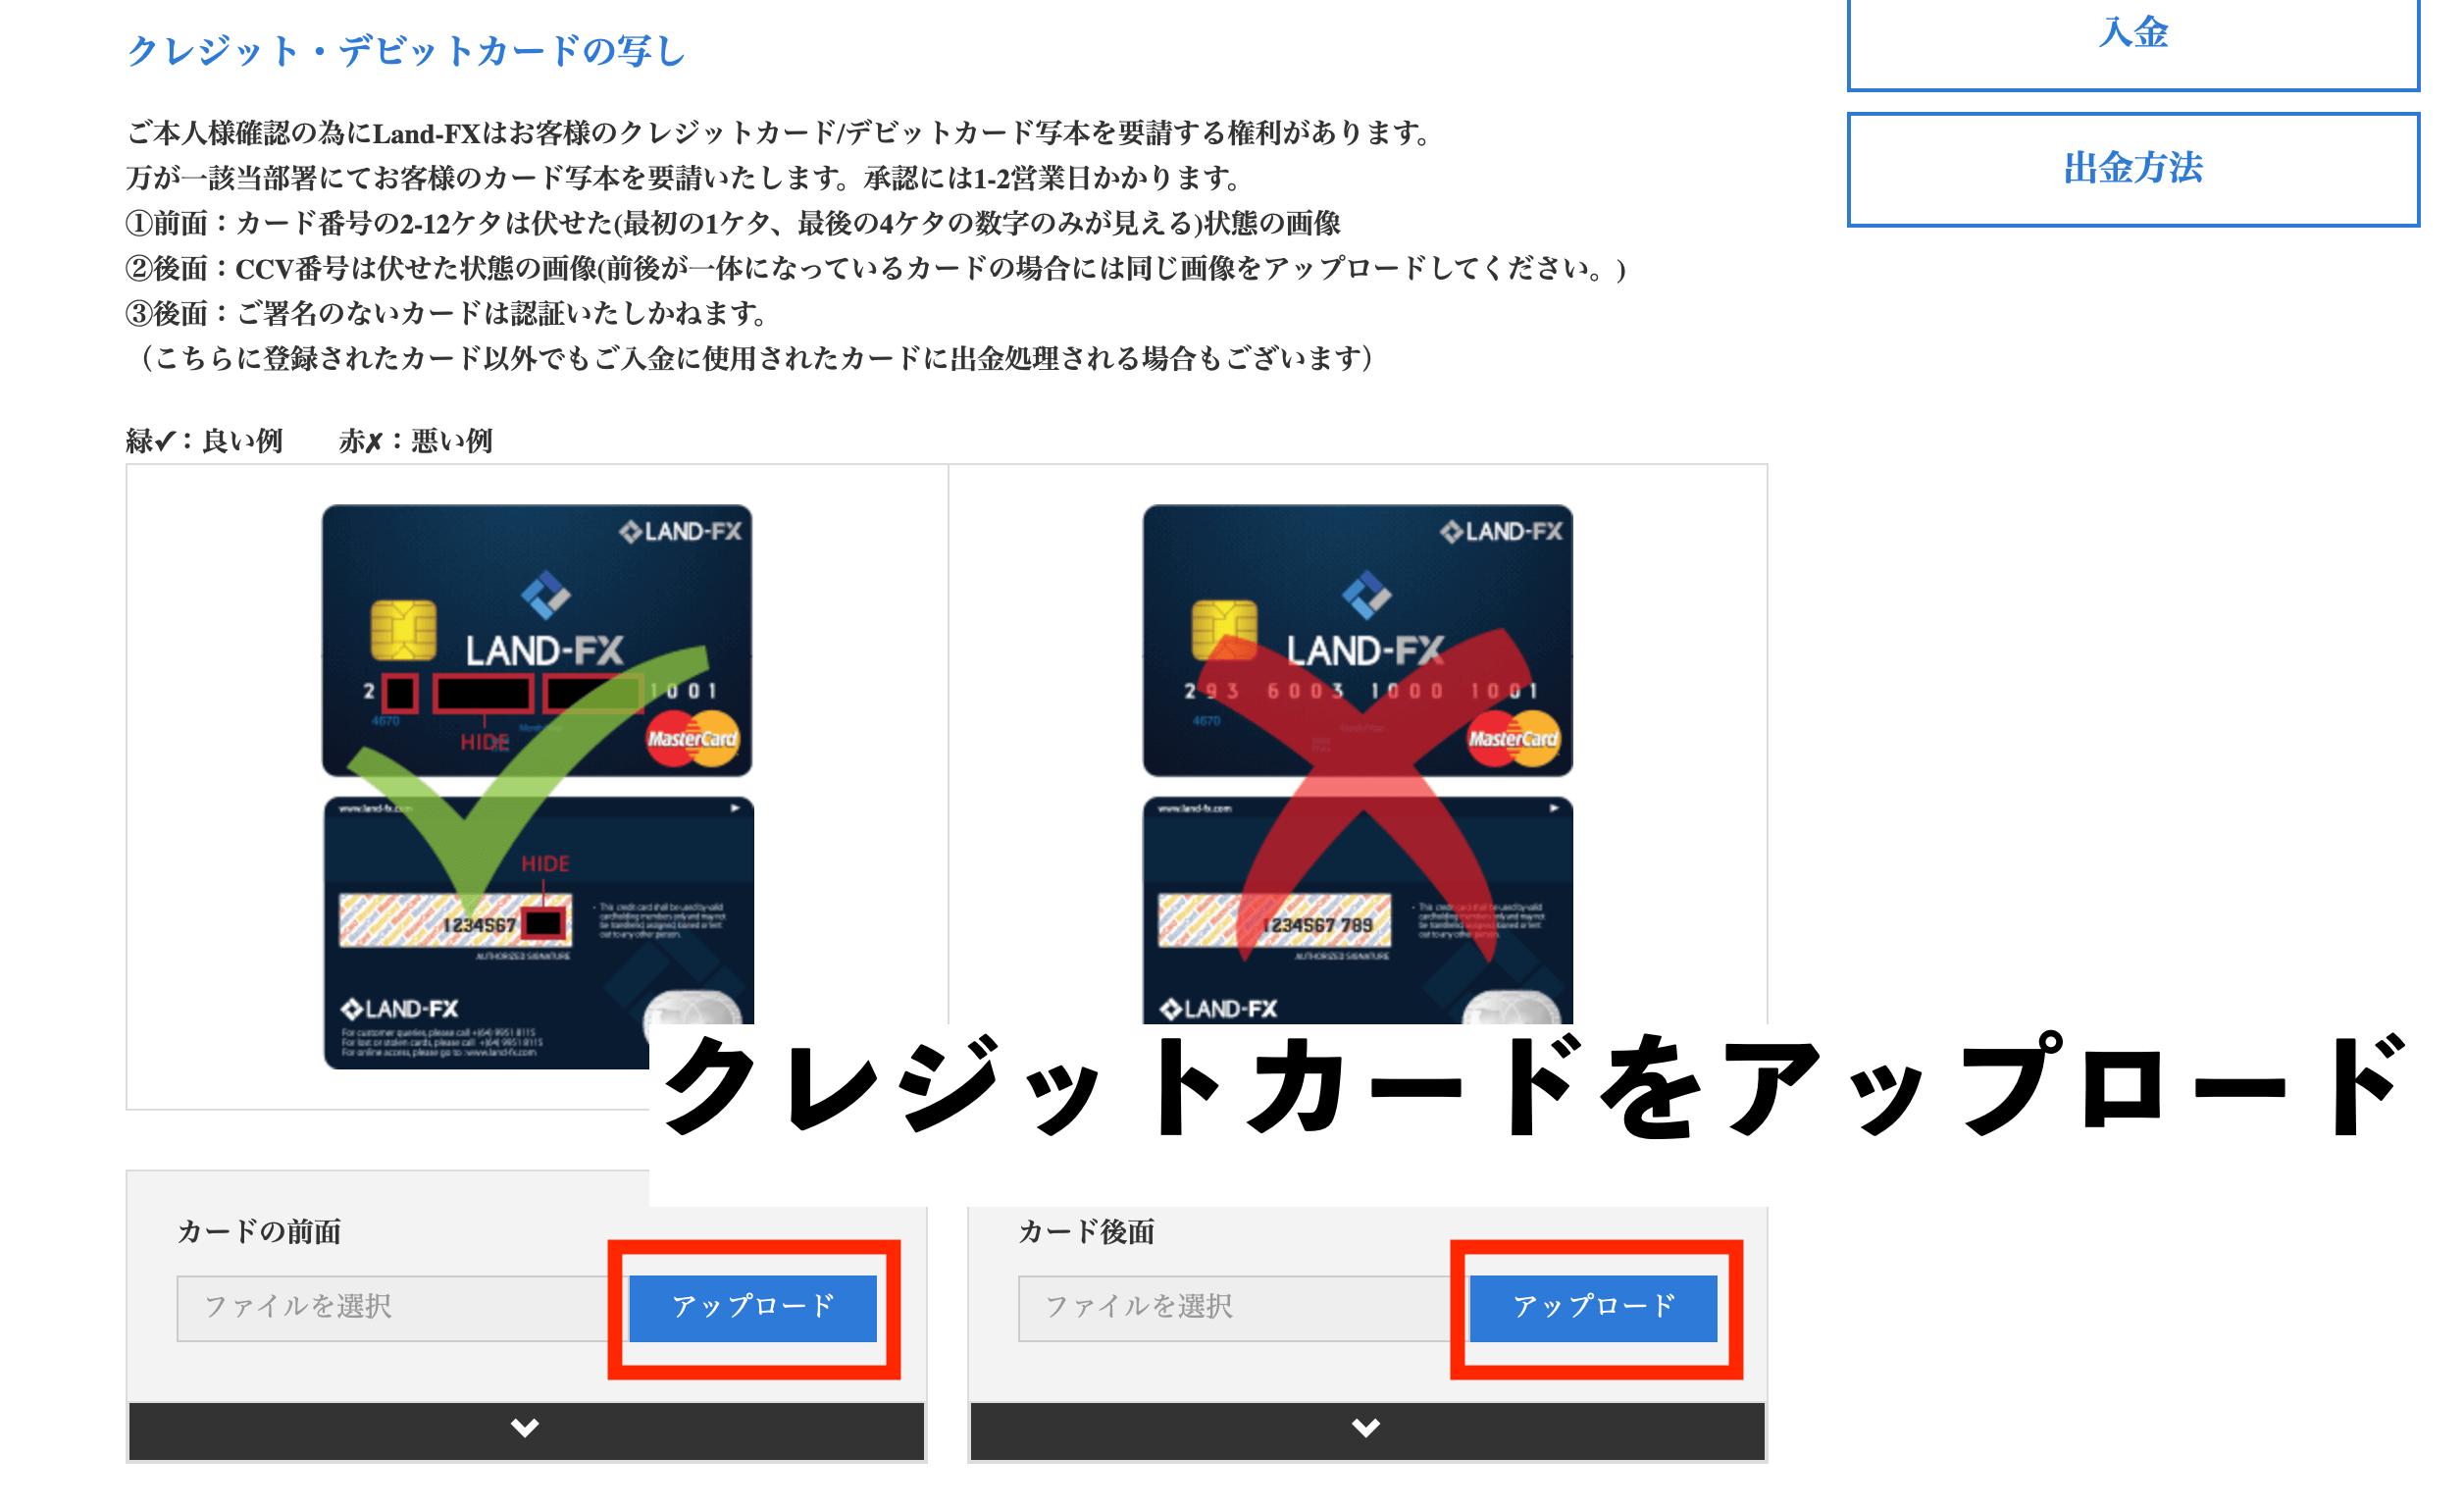 LandFXクレジットカード情報登録